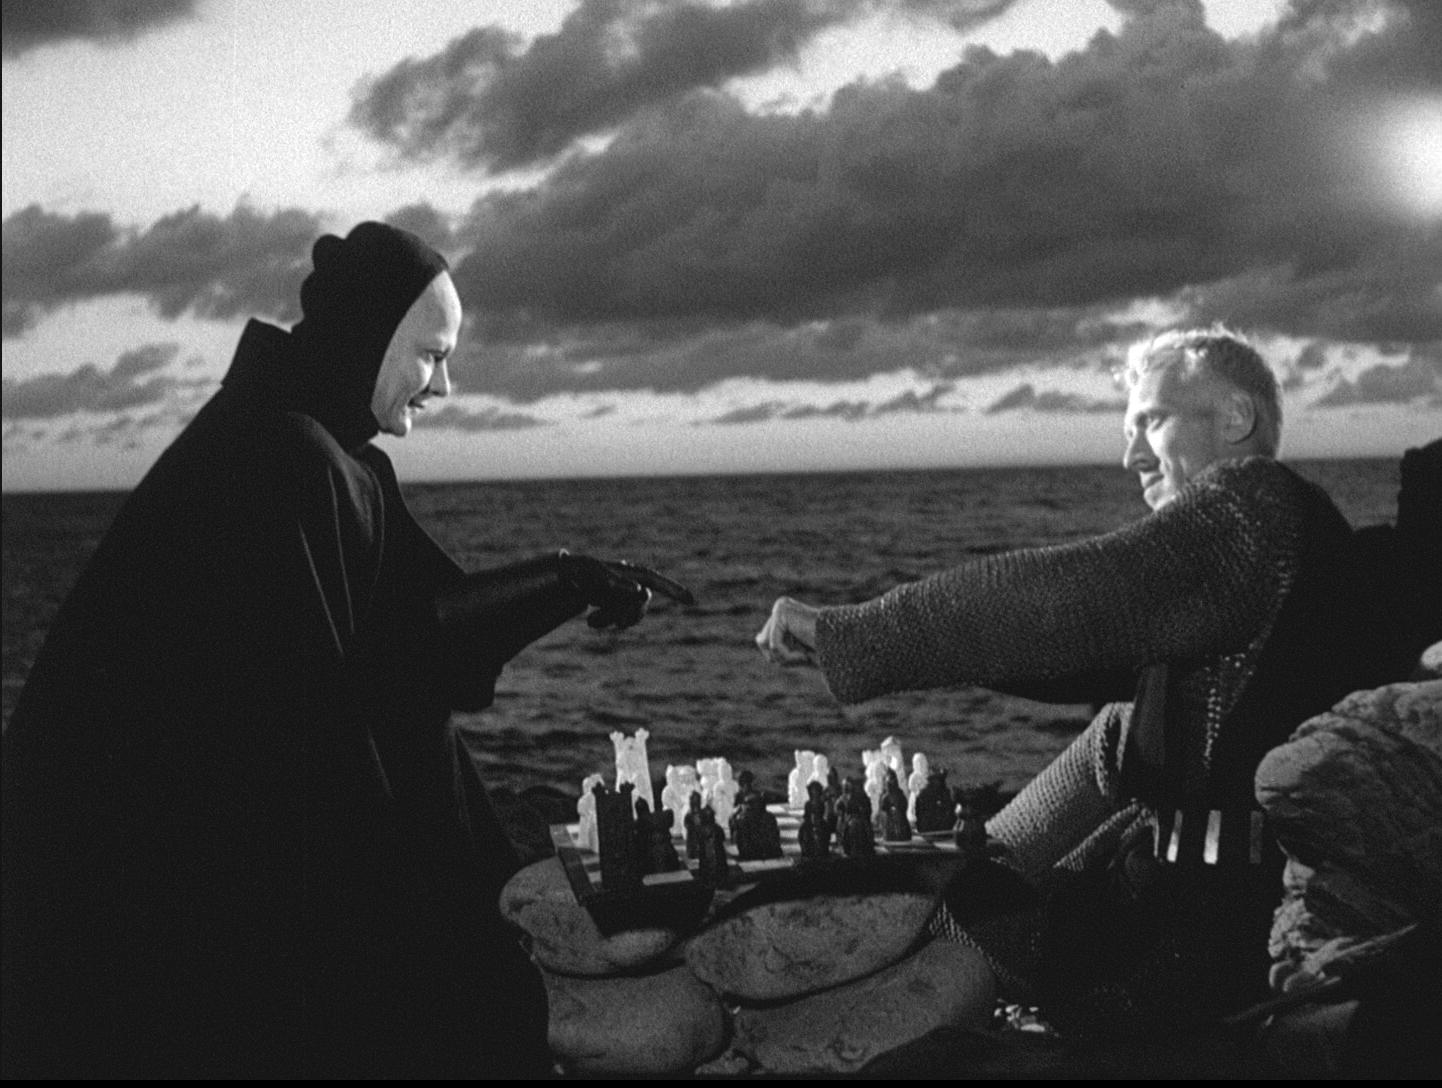 Resultado de imagen para bergman juego de ajedrez muerte pintura